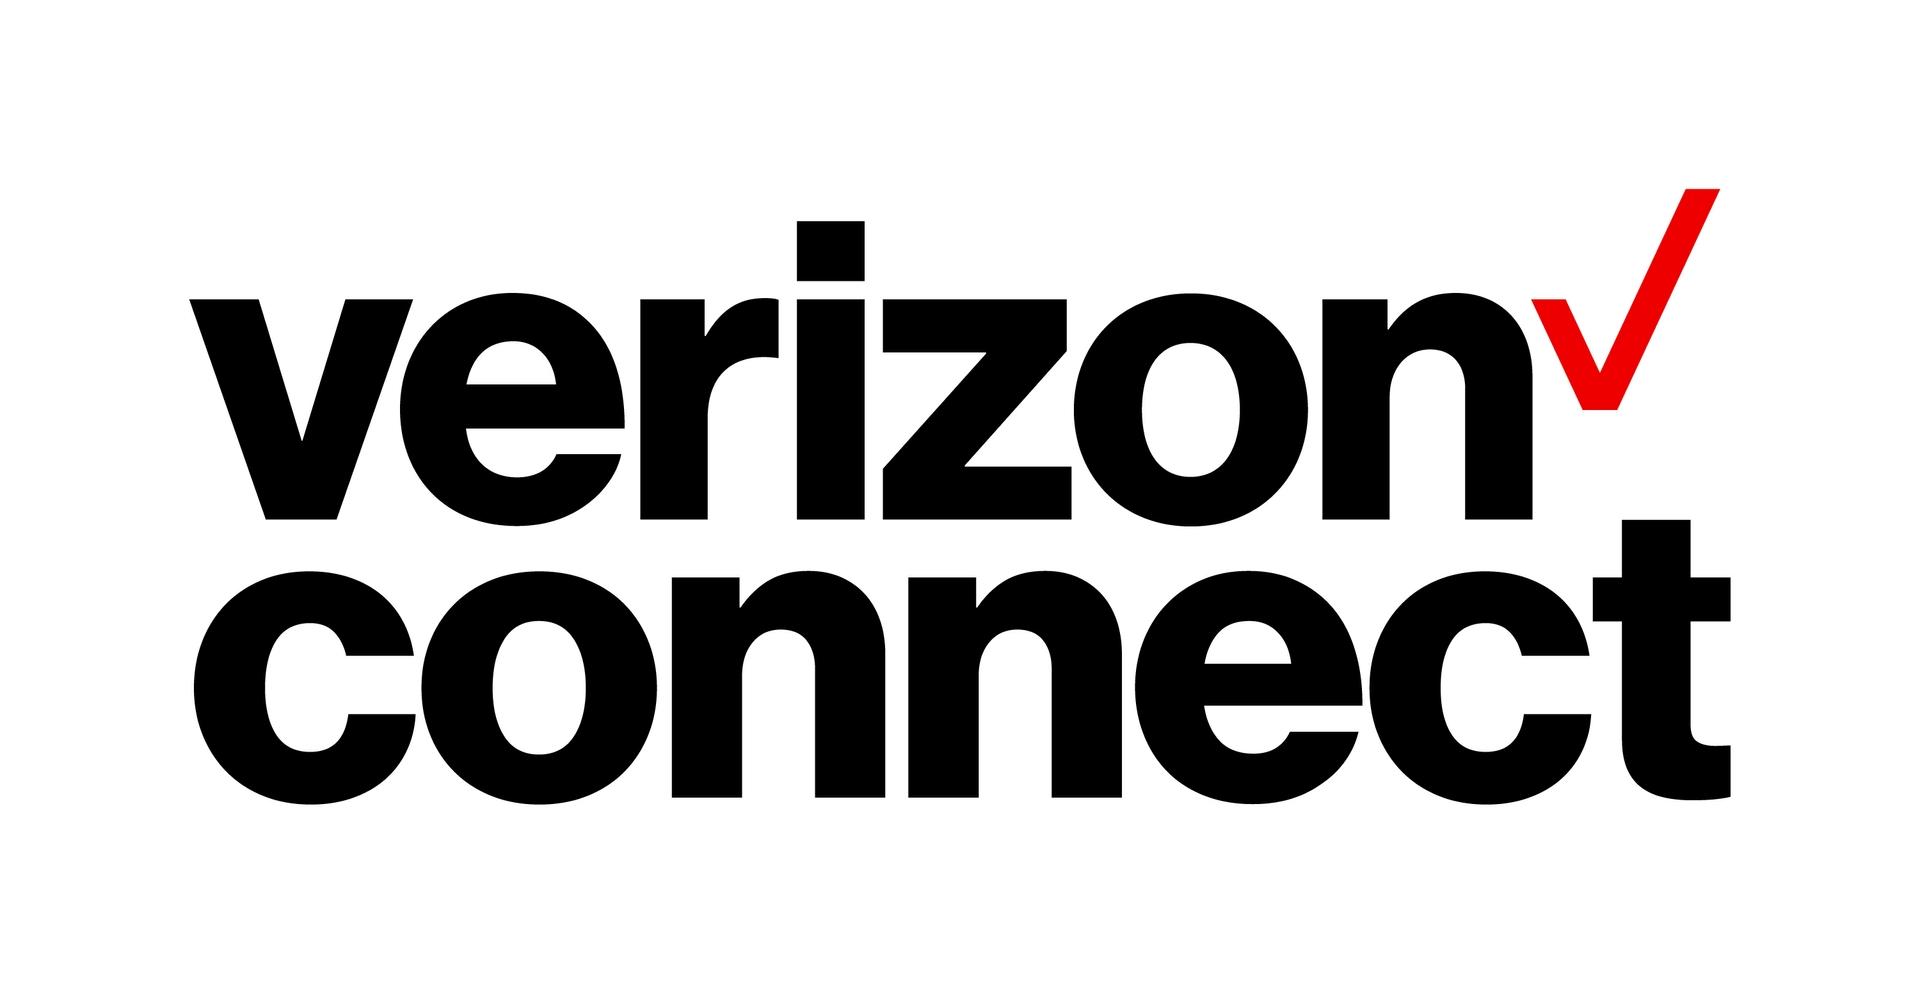 Verizon Connect logos